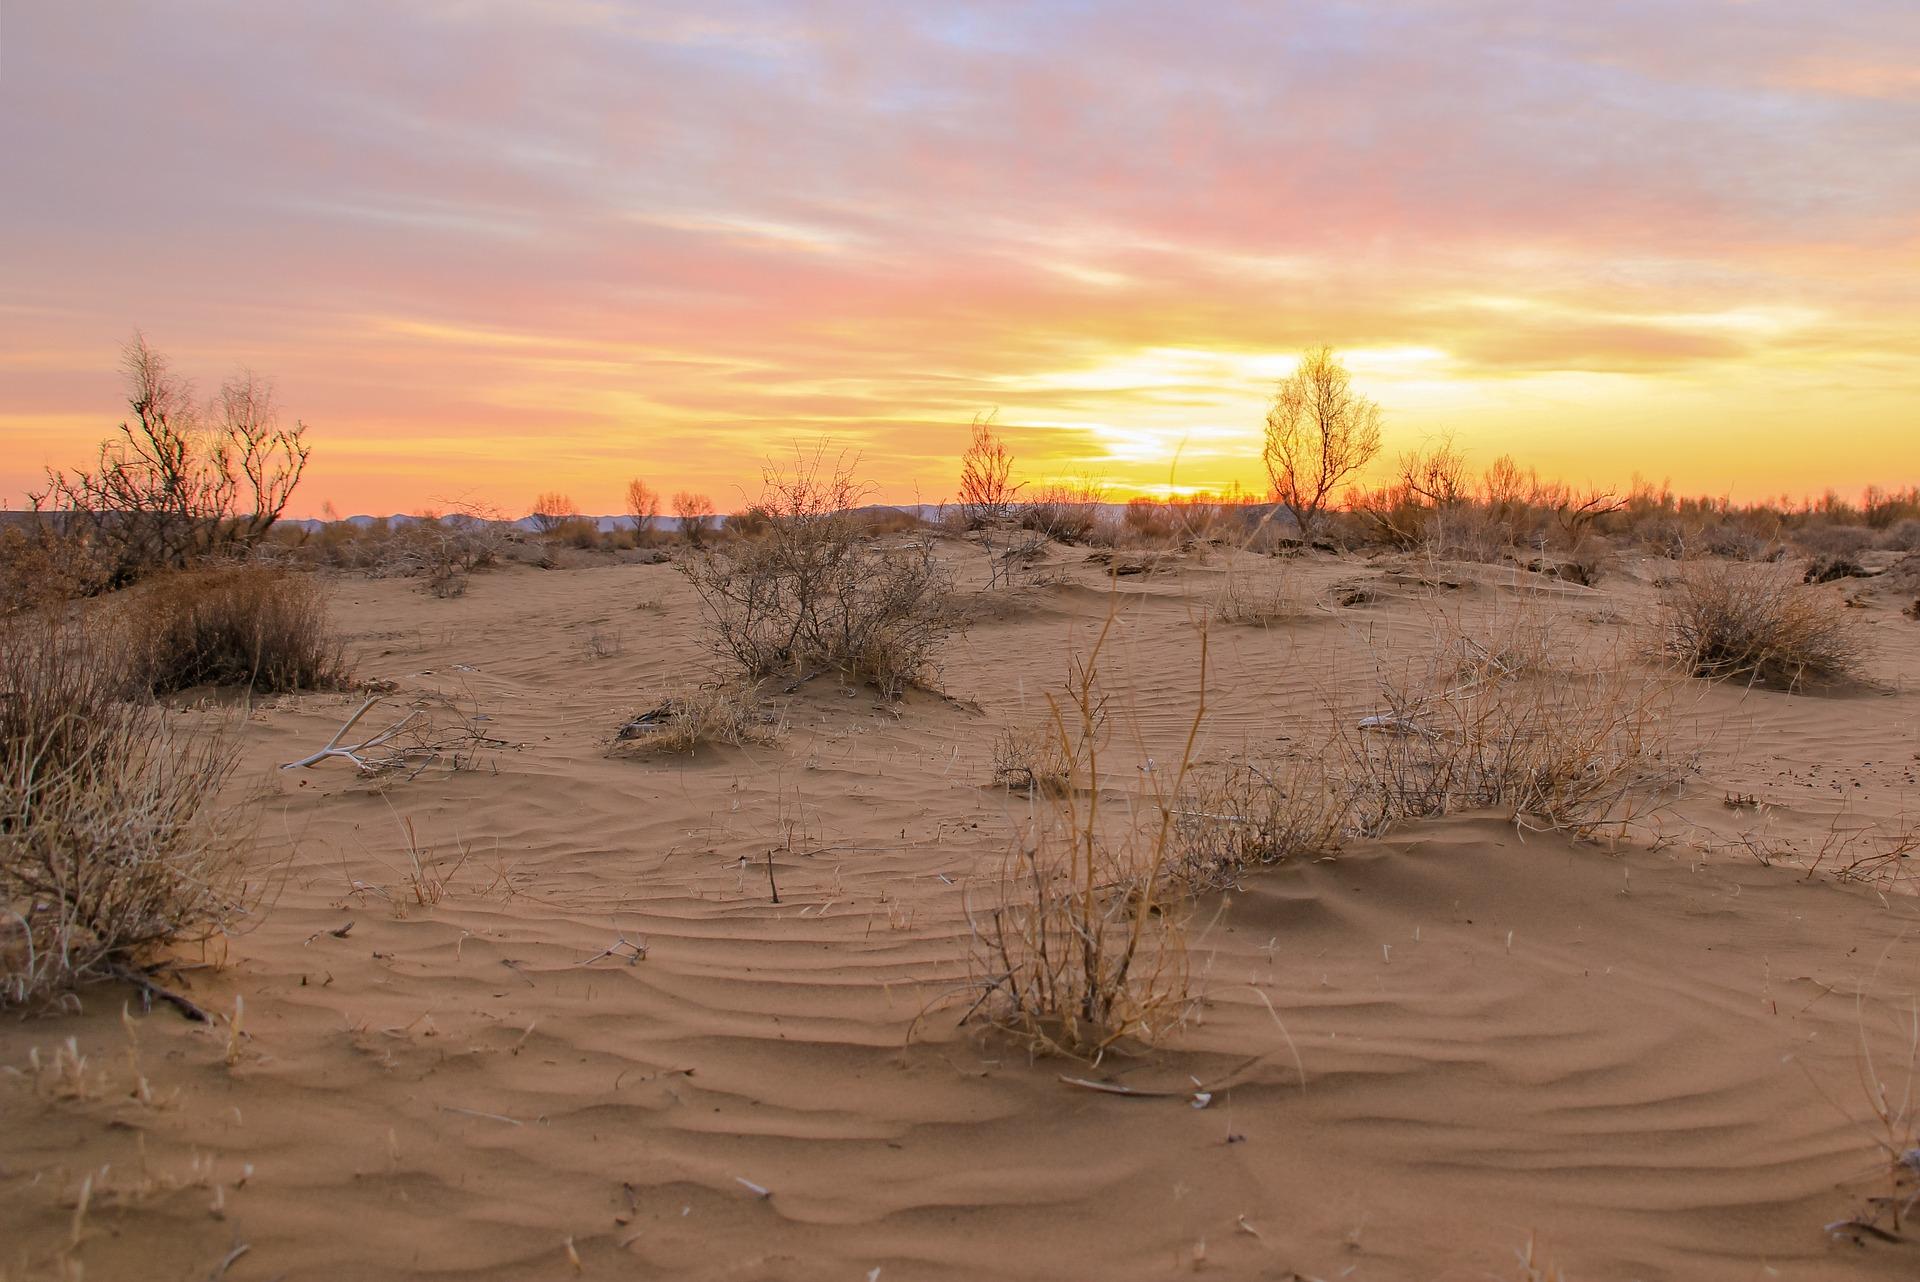 desert-3405202_1920